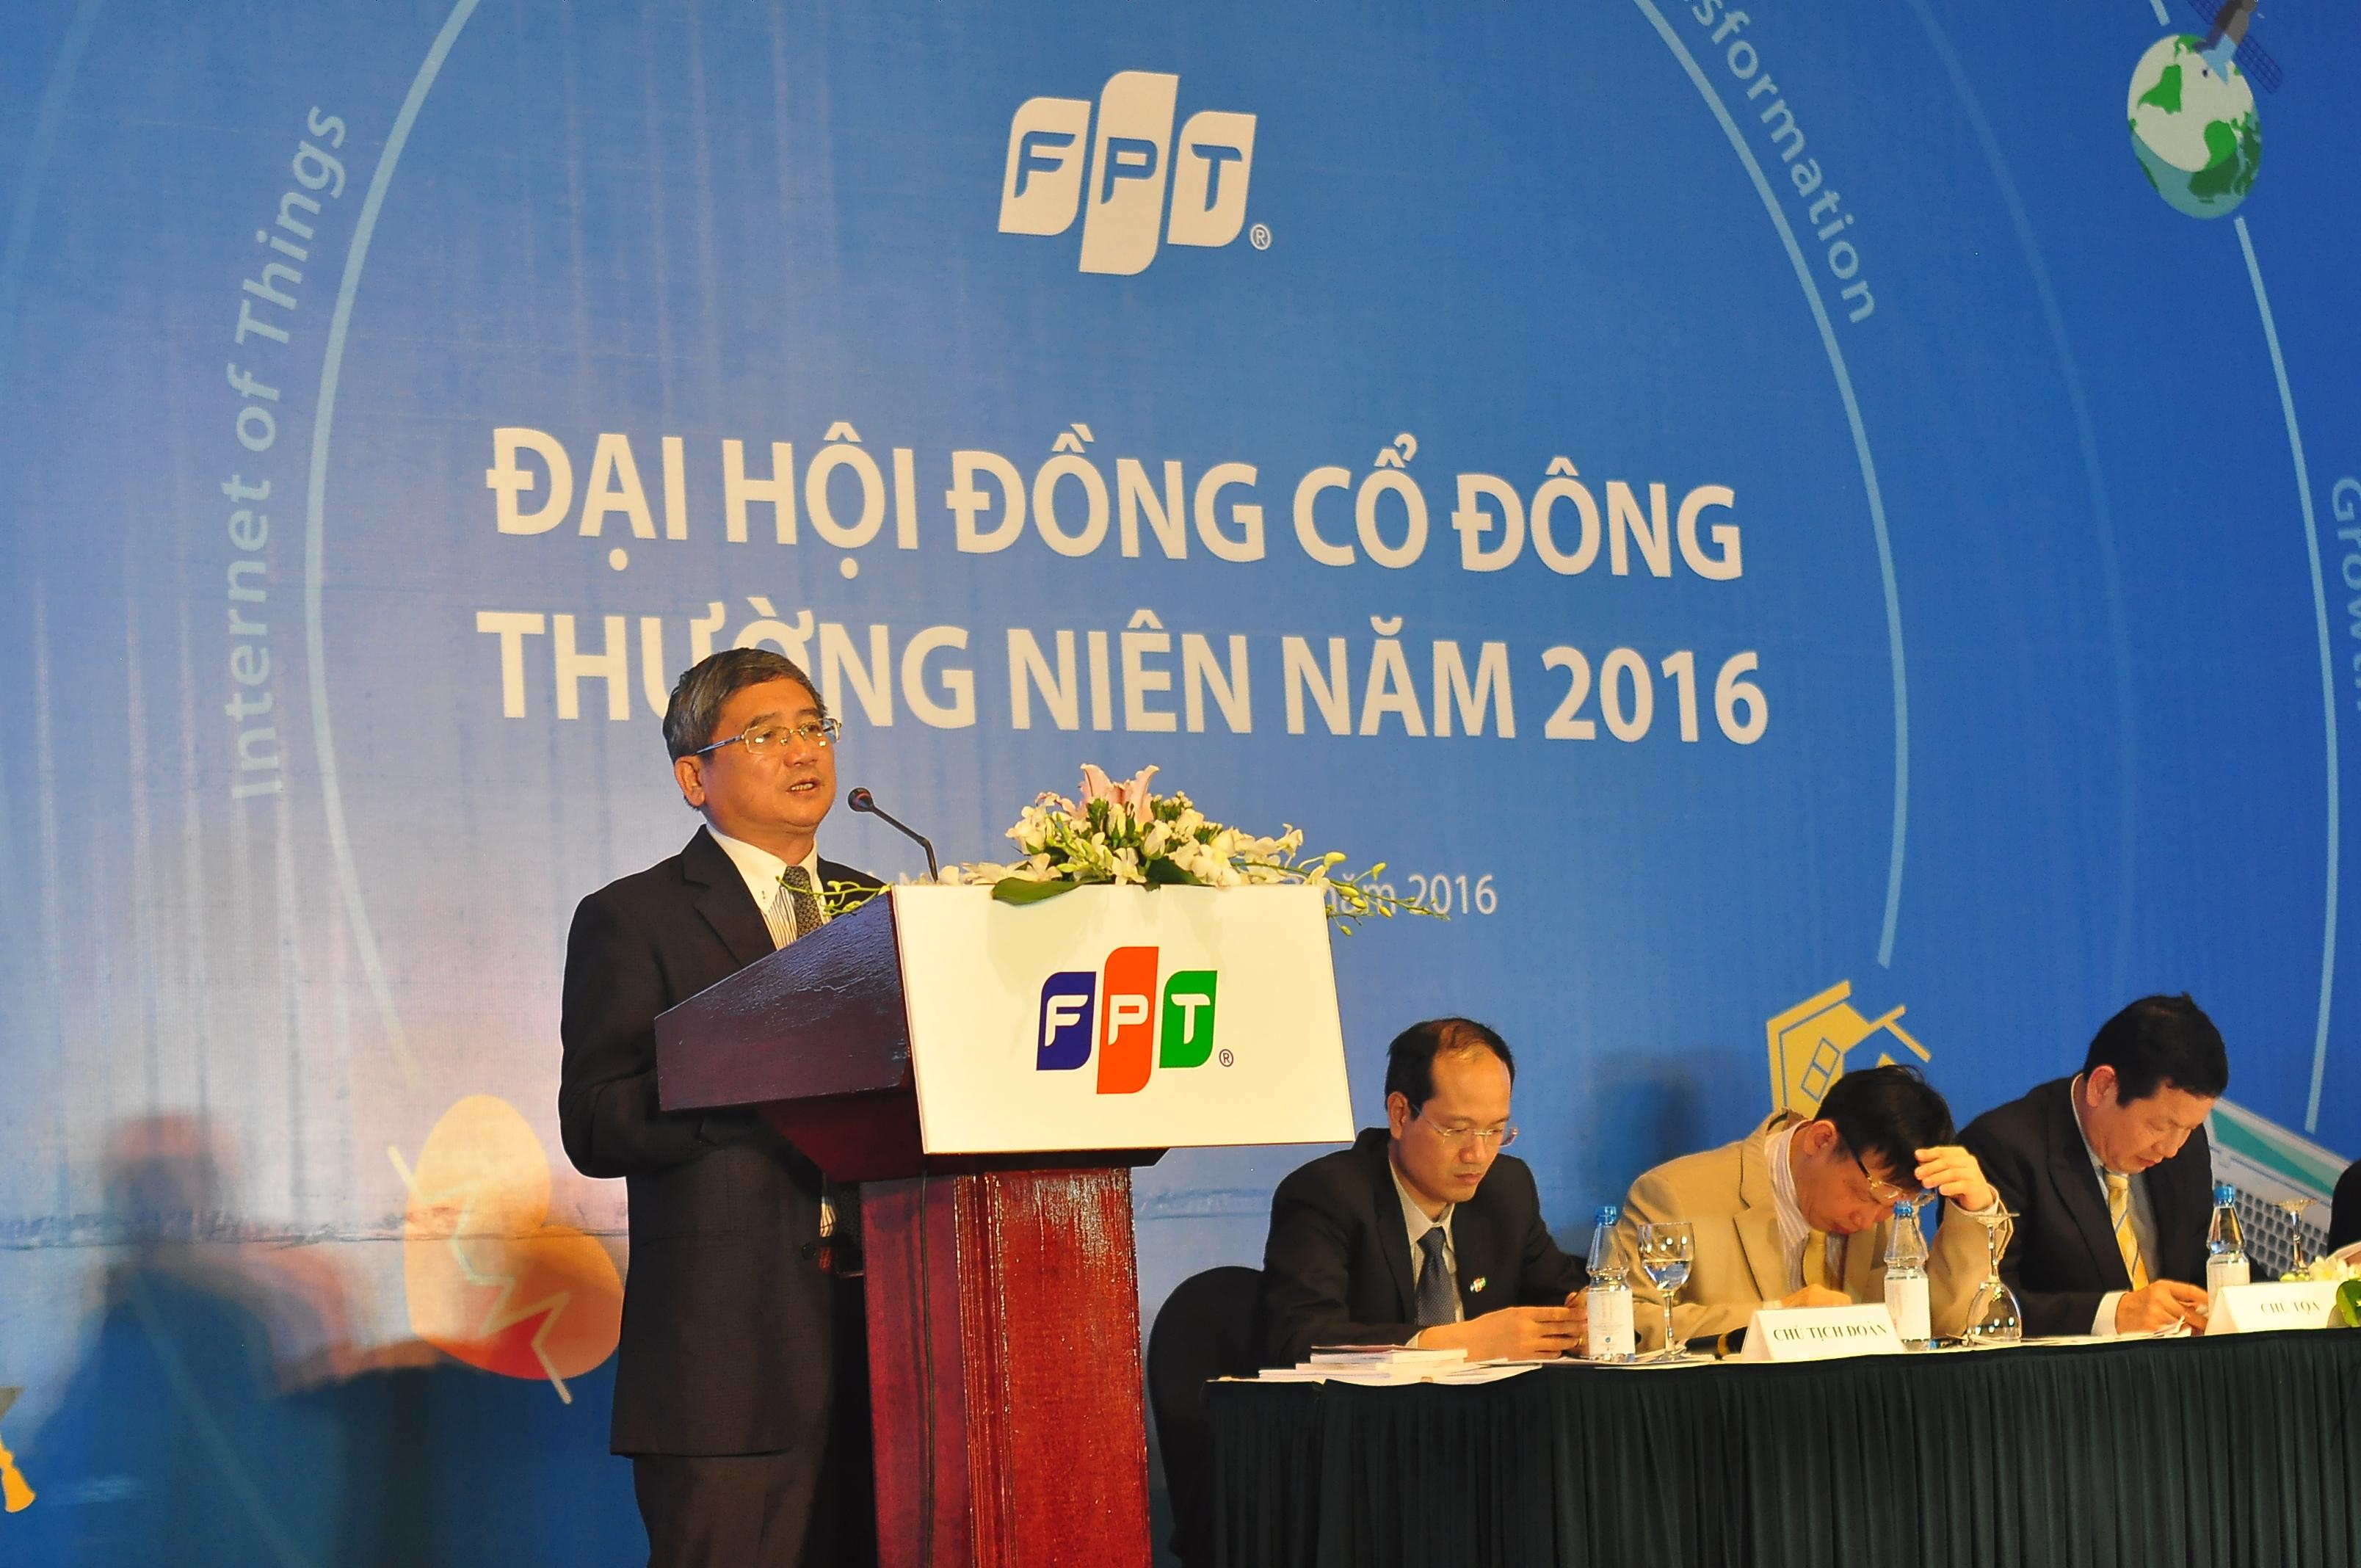 """Trước sự tin tưởng của cổ đông, nhà đầu tư, TGĐ FPT Bùi Quang Ngọc khẳng định: """"FPT sẽ tiếp tục phát huy kết quả của năm 2015 và CBNV tập đoàn sẽ nỗ lực để đạt được kết quả năm 2016. Đó là lời cam kết của FPT""""."""